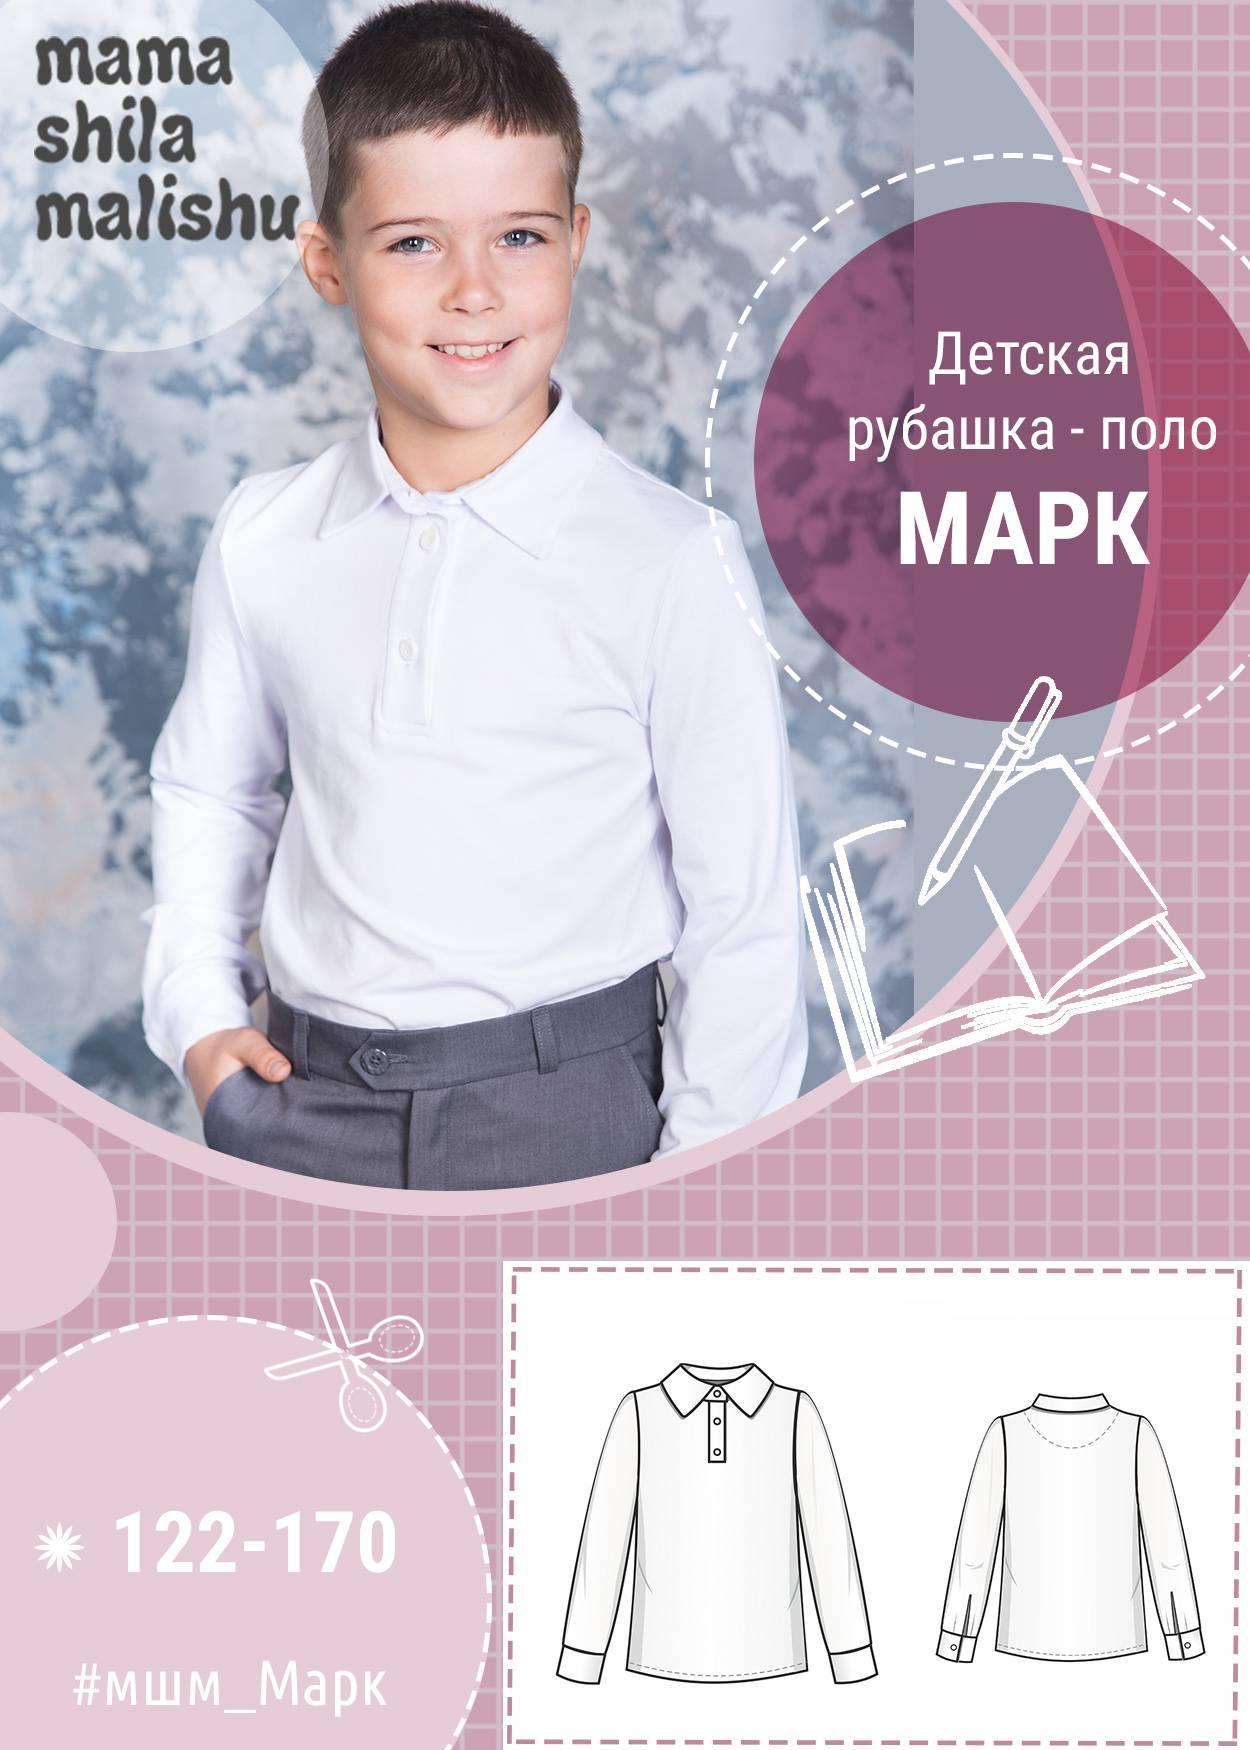 """Детская рубашка - поло """"Марк"""""""